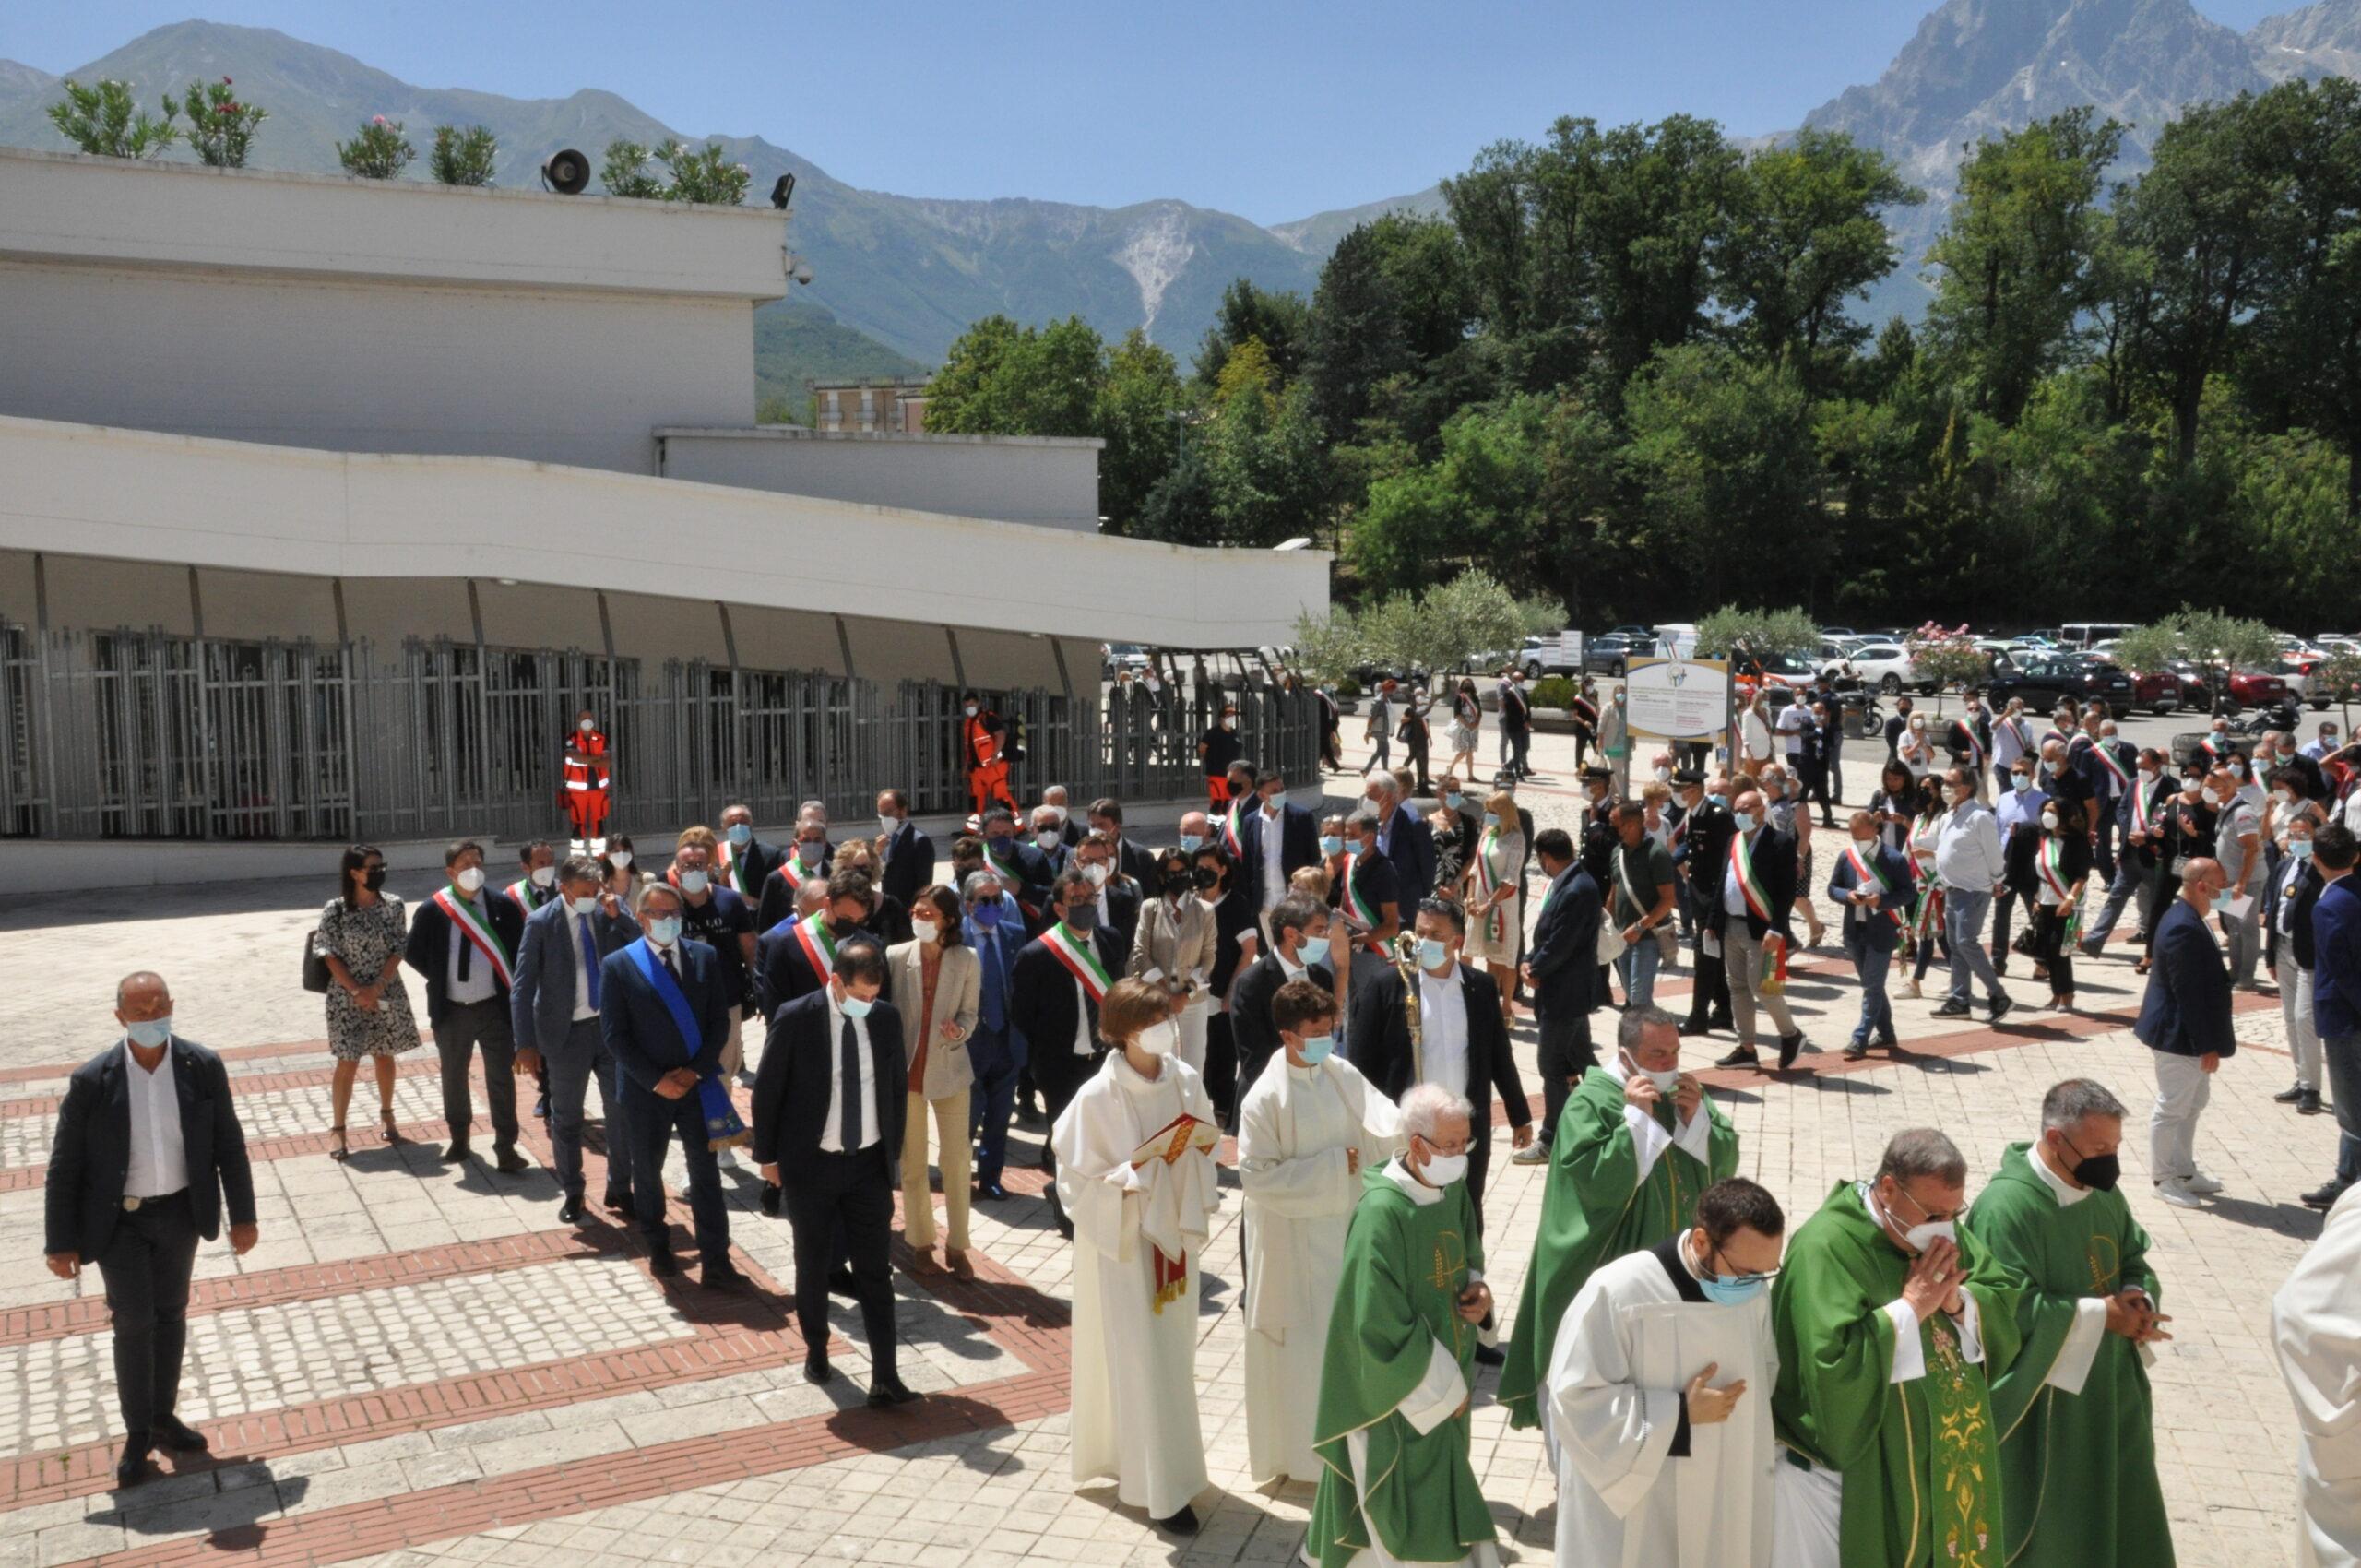 Santuario San Gabriele, tanti fedeli per il Giubileo dei Comuni FOTO